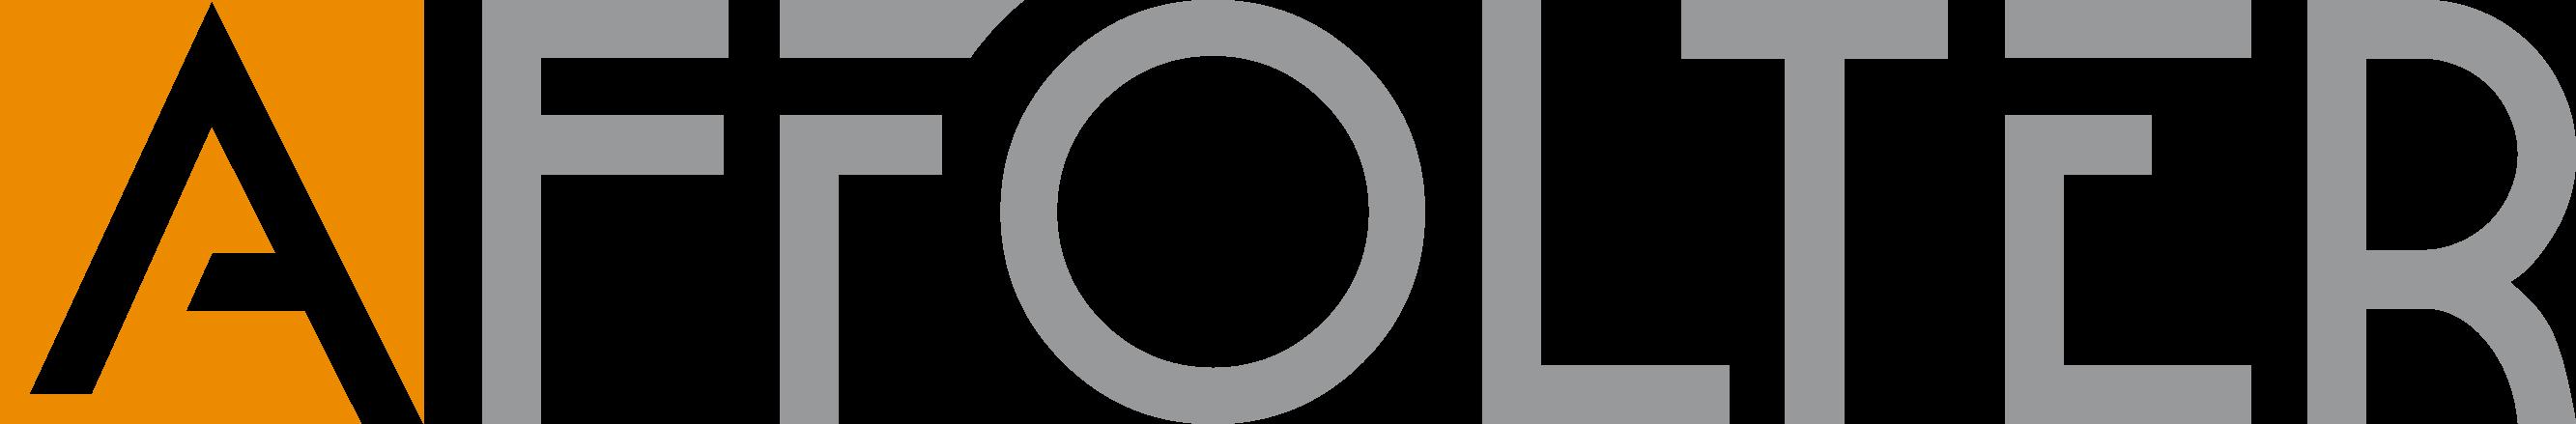 Affolter Group SA Logo